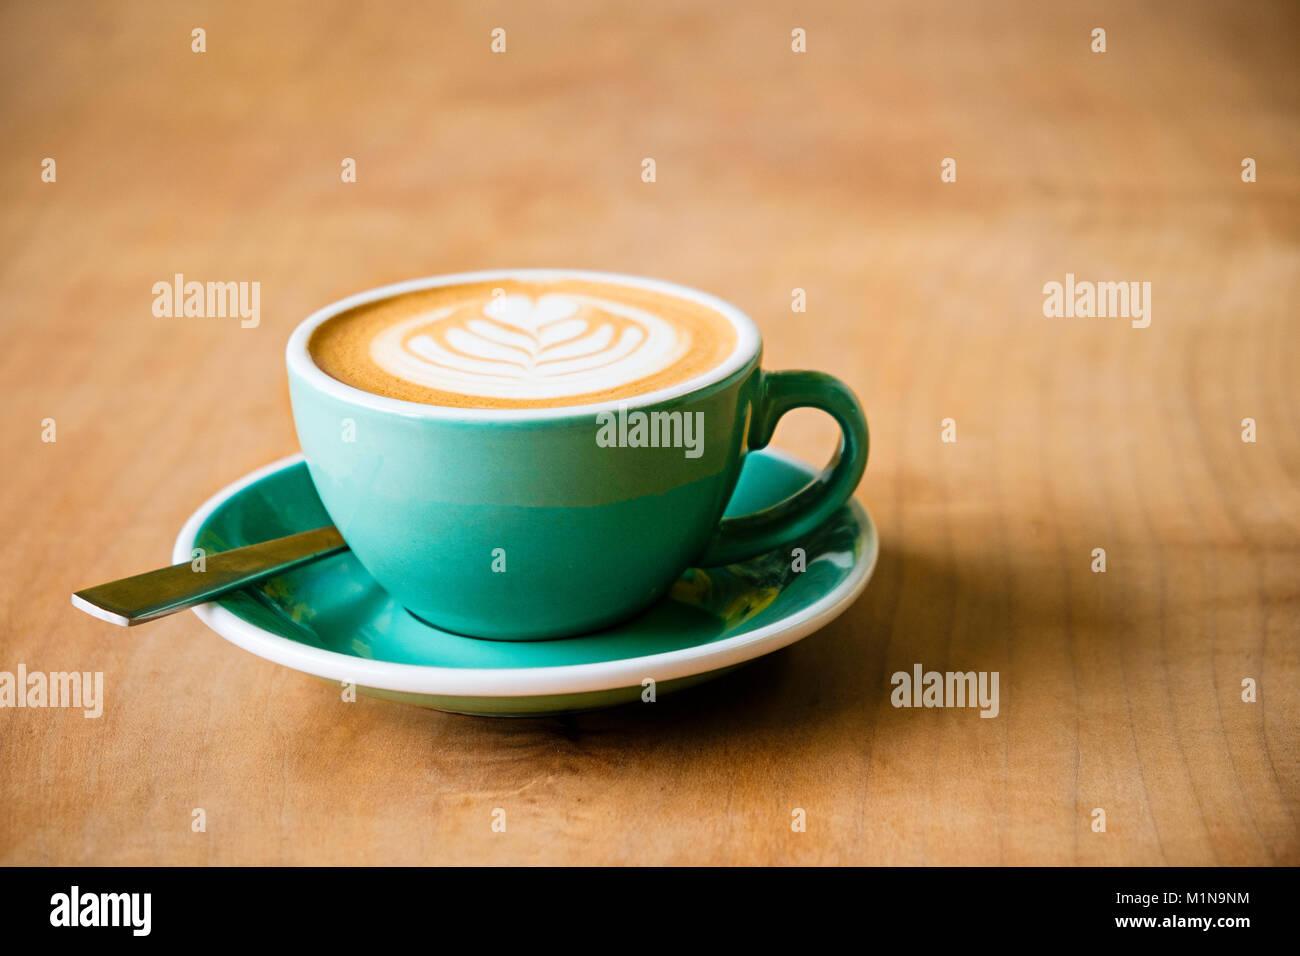 Une tasse de café avec latte art d'une feuille dans la mousse avec une cuillère sur une table en bois Photo Stock